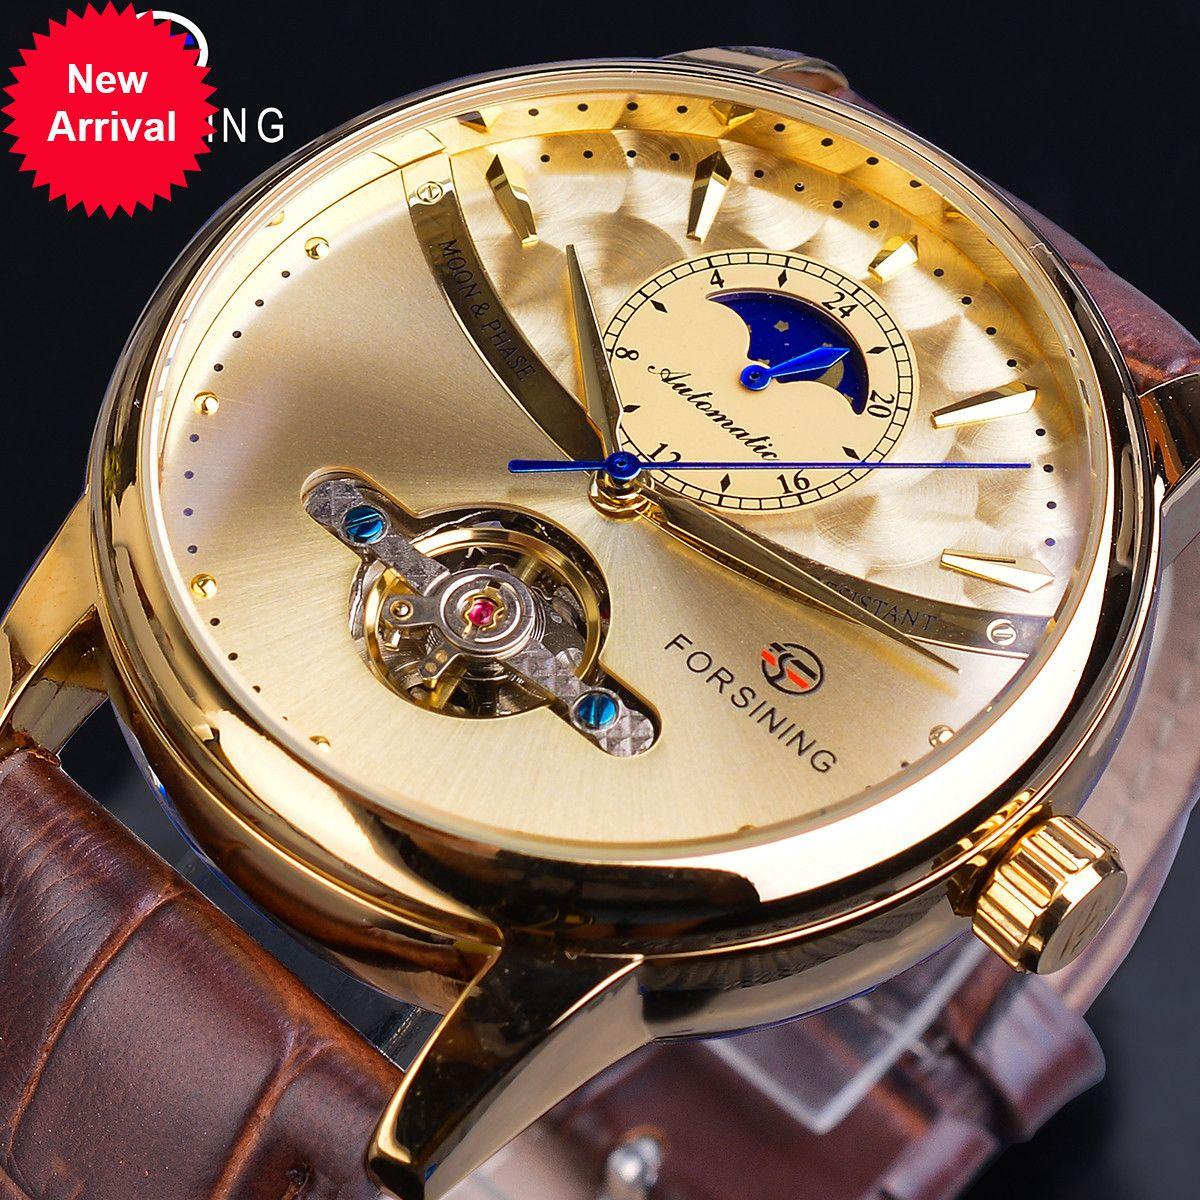 Forsining Phase de lune Montre automobile Royal Hommes Golden Imperméable Montre-Bracelet Mécanique Casual Tourbillon Tourbillon Tourbillon